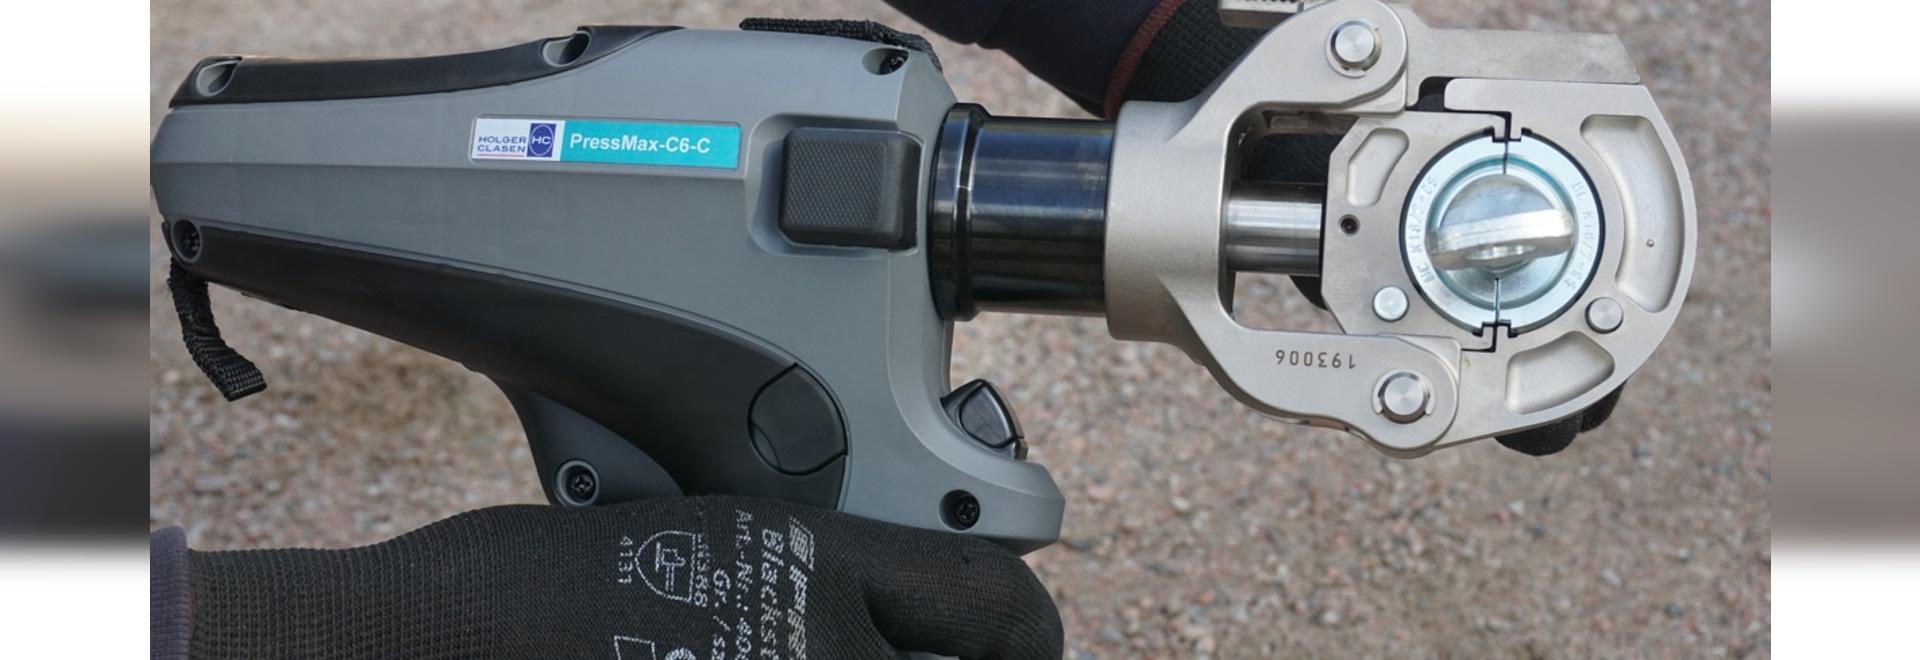 PressMax-C6-C